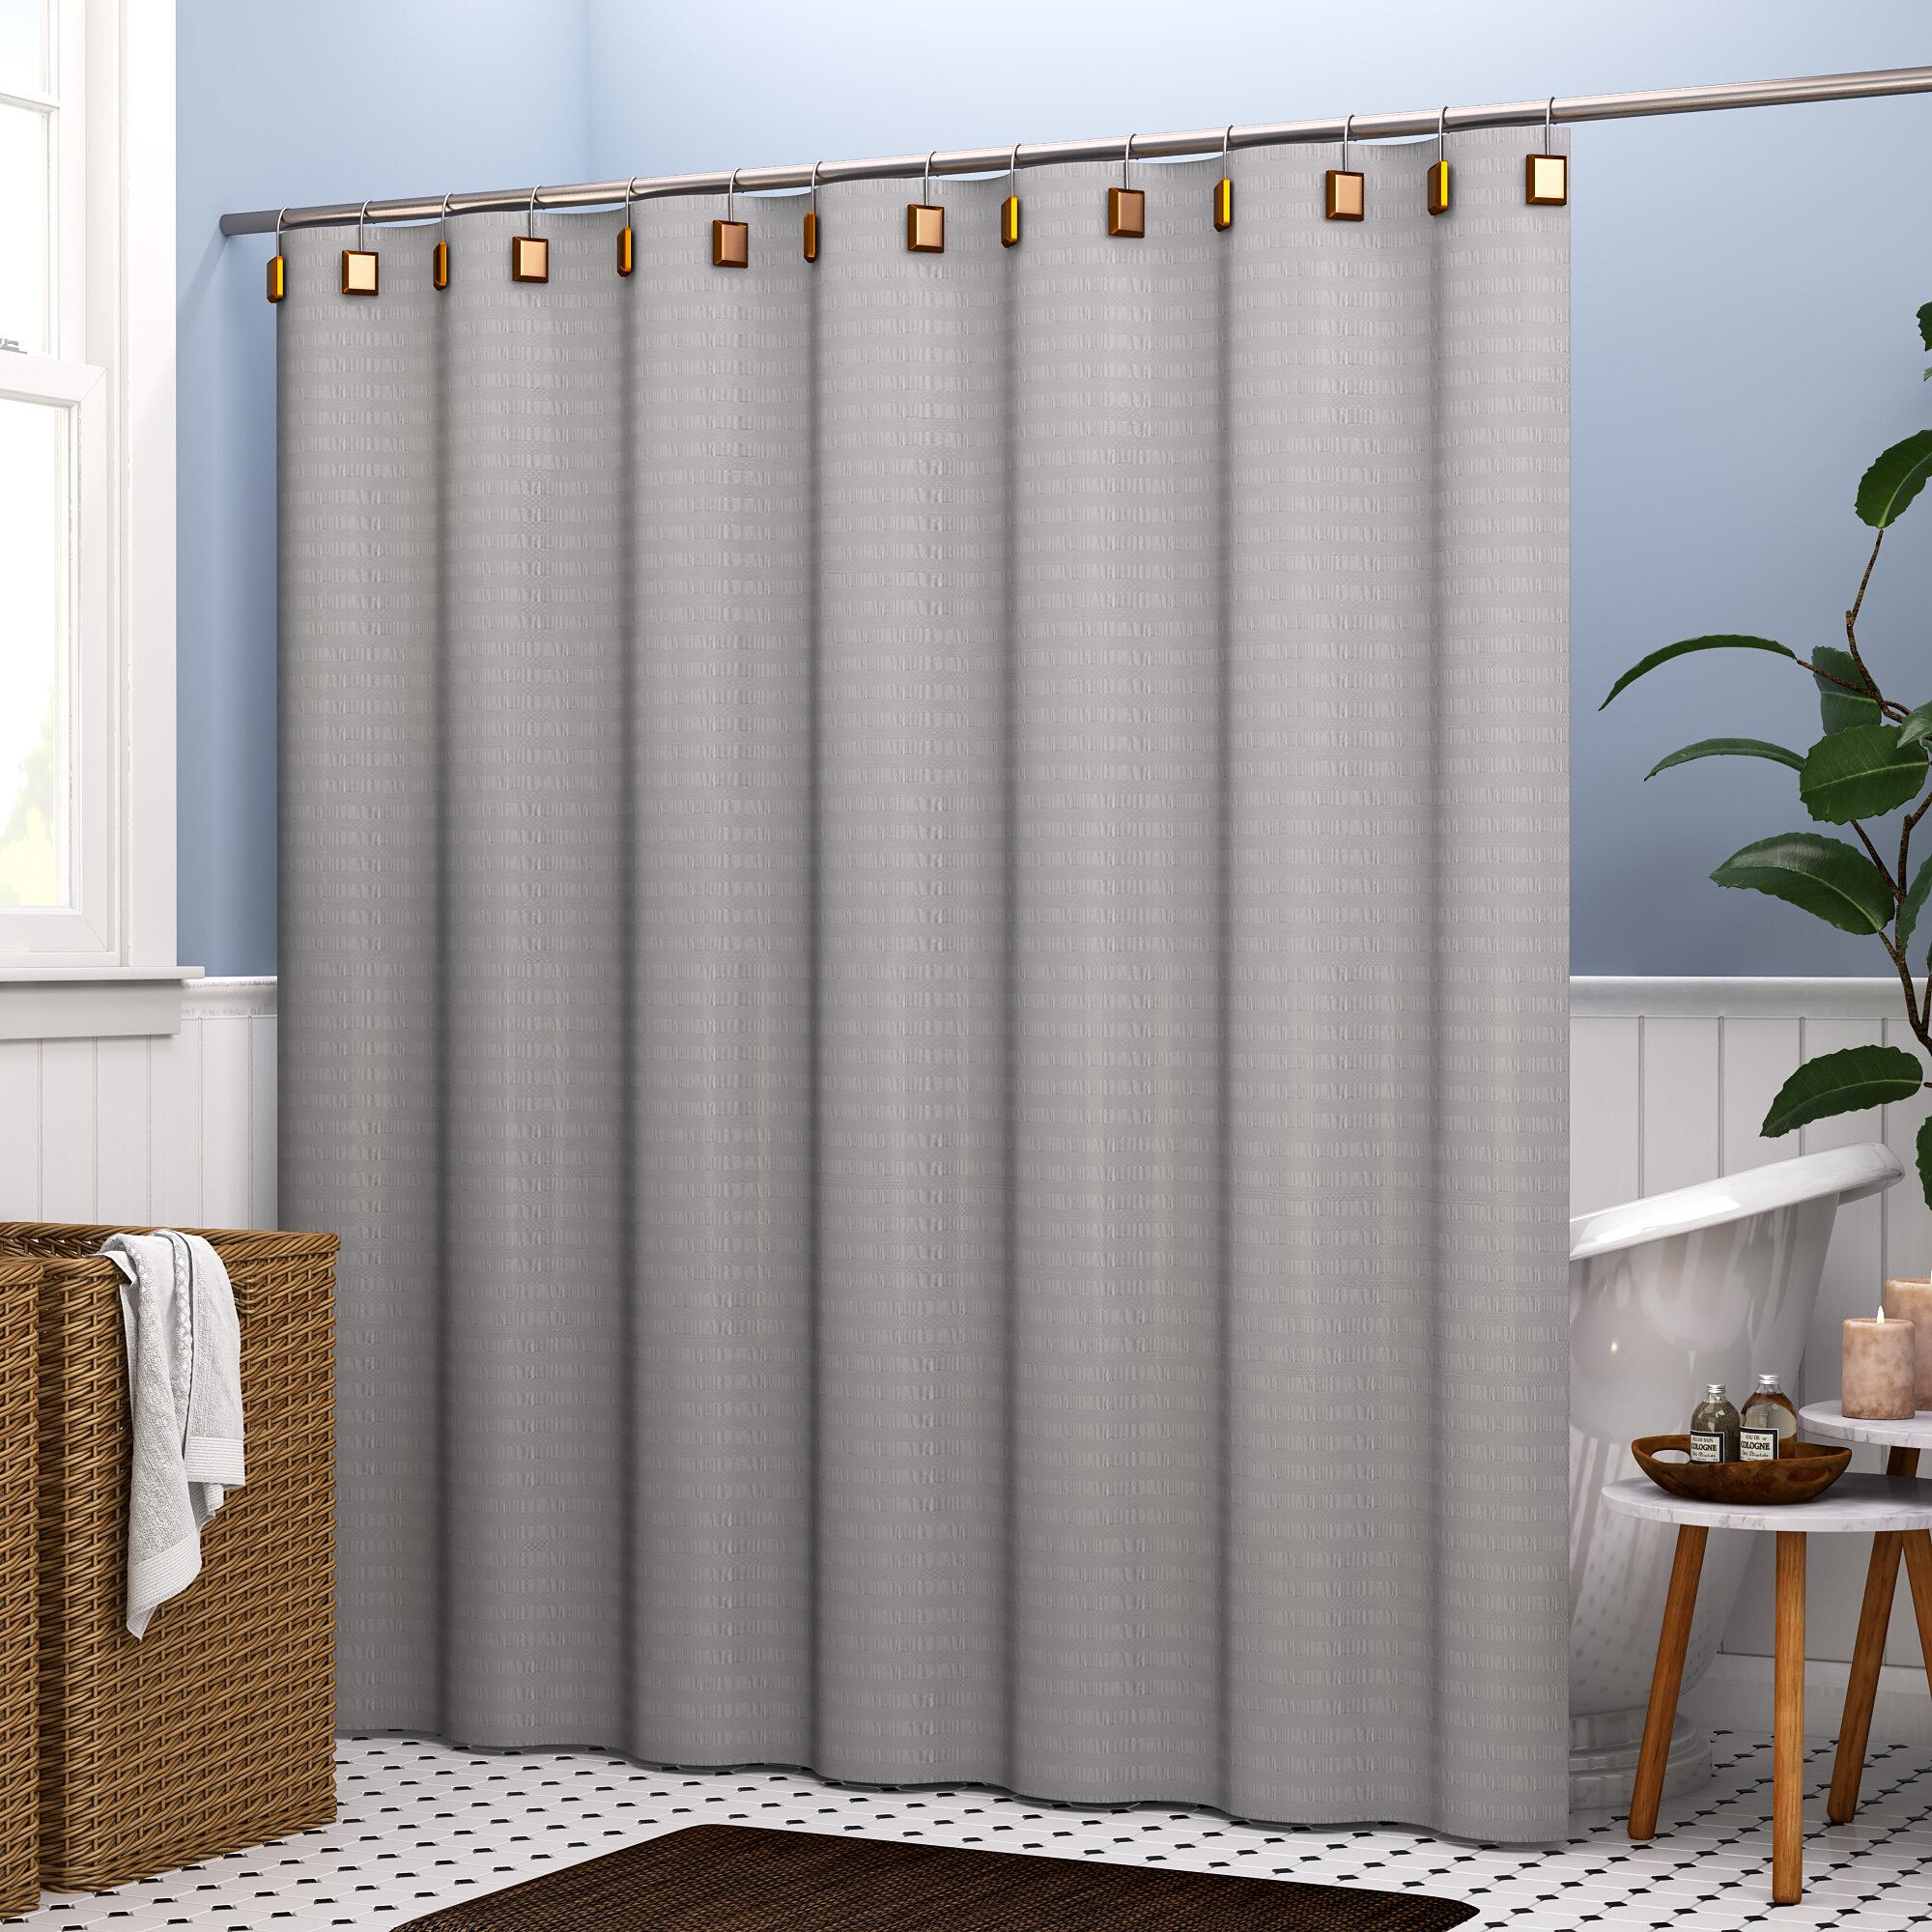 Brayden Studio Atencio Textured Stripes 100 Cotton Shower Curtain